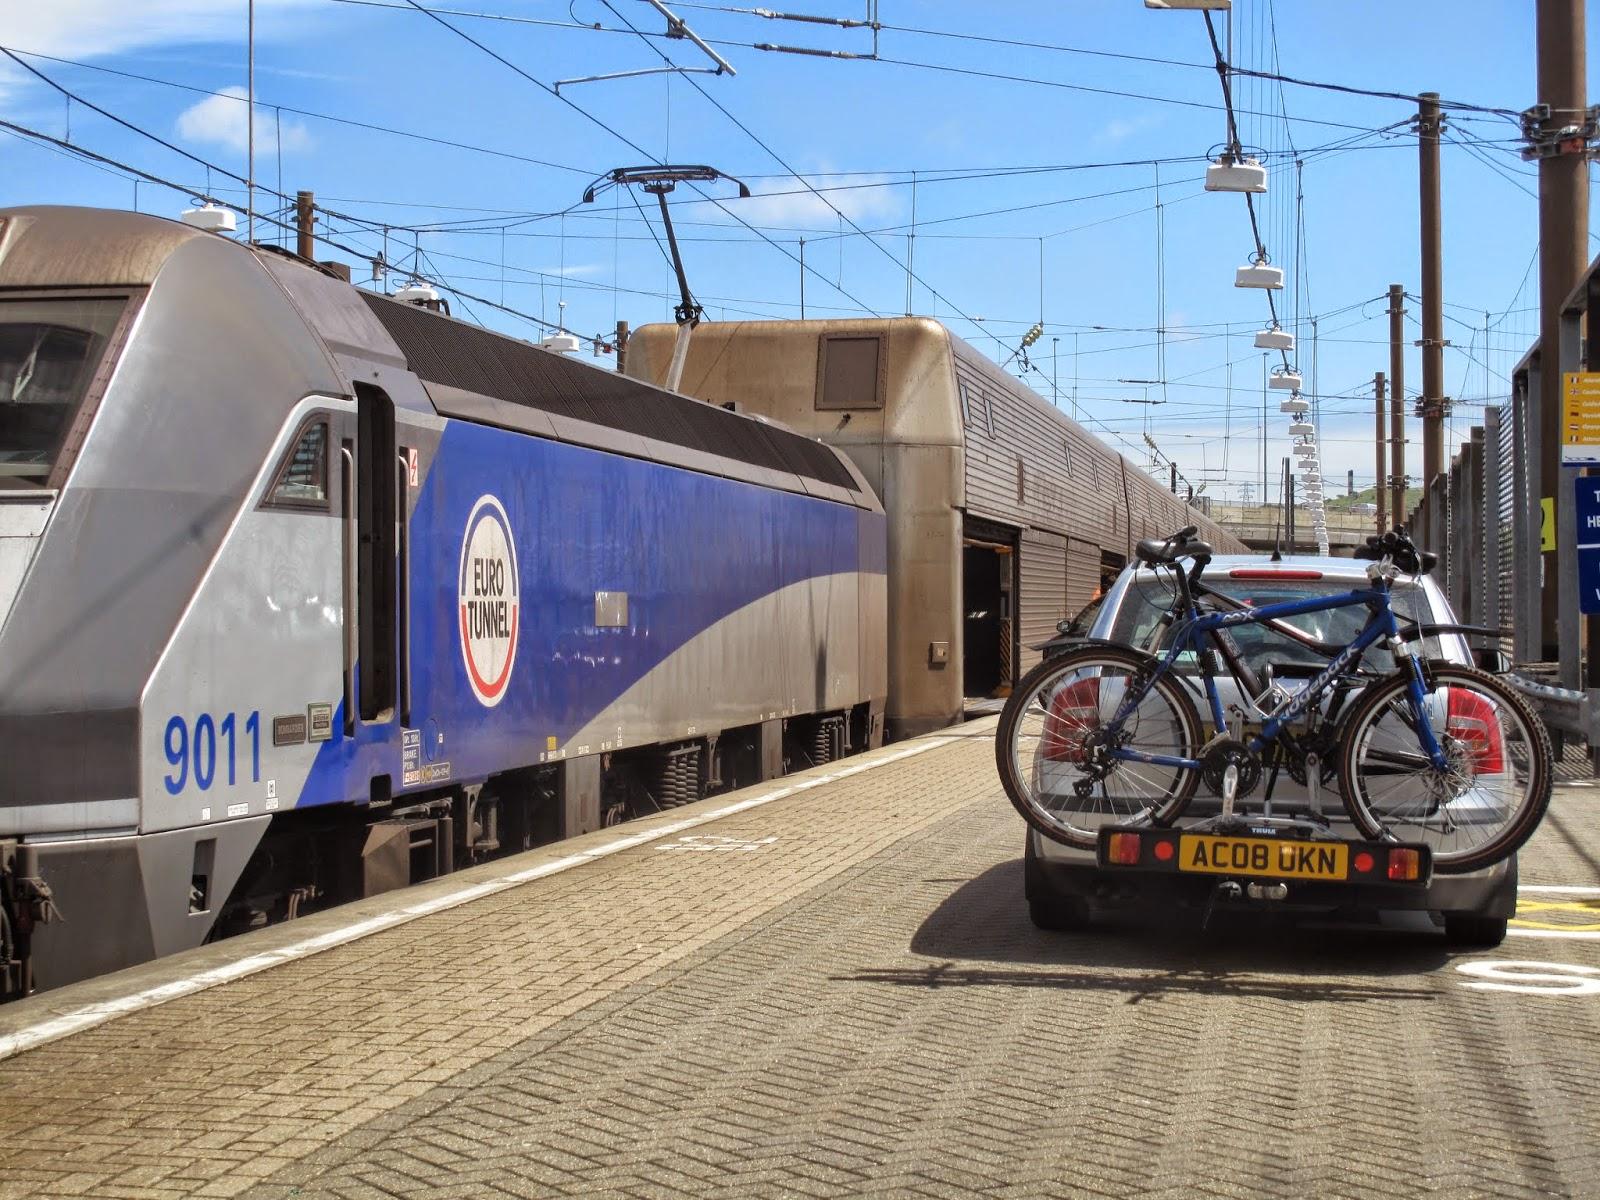 Tren Canal de la Mancha